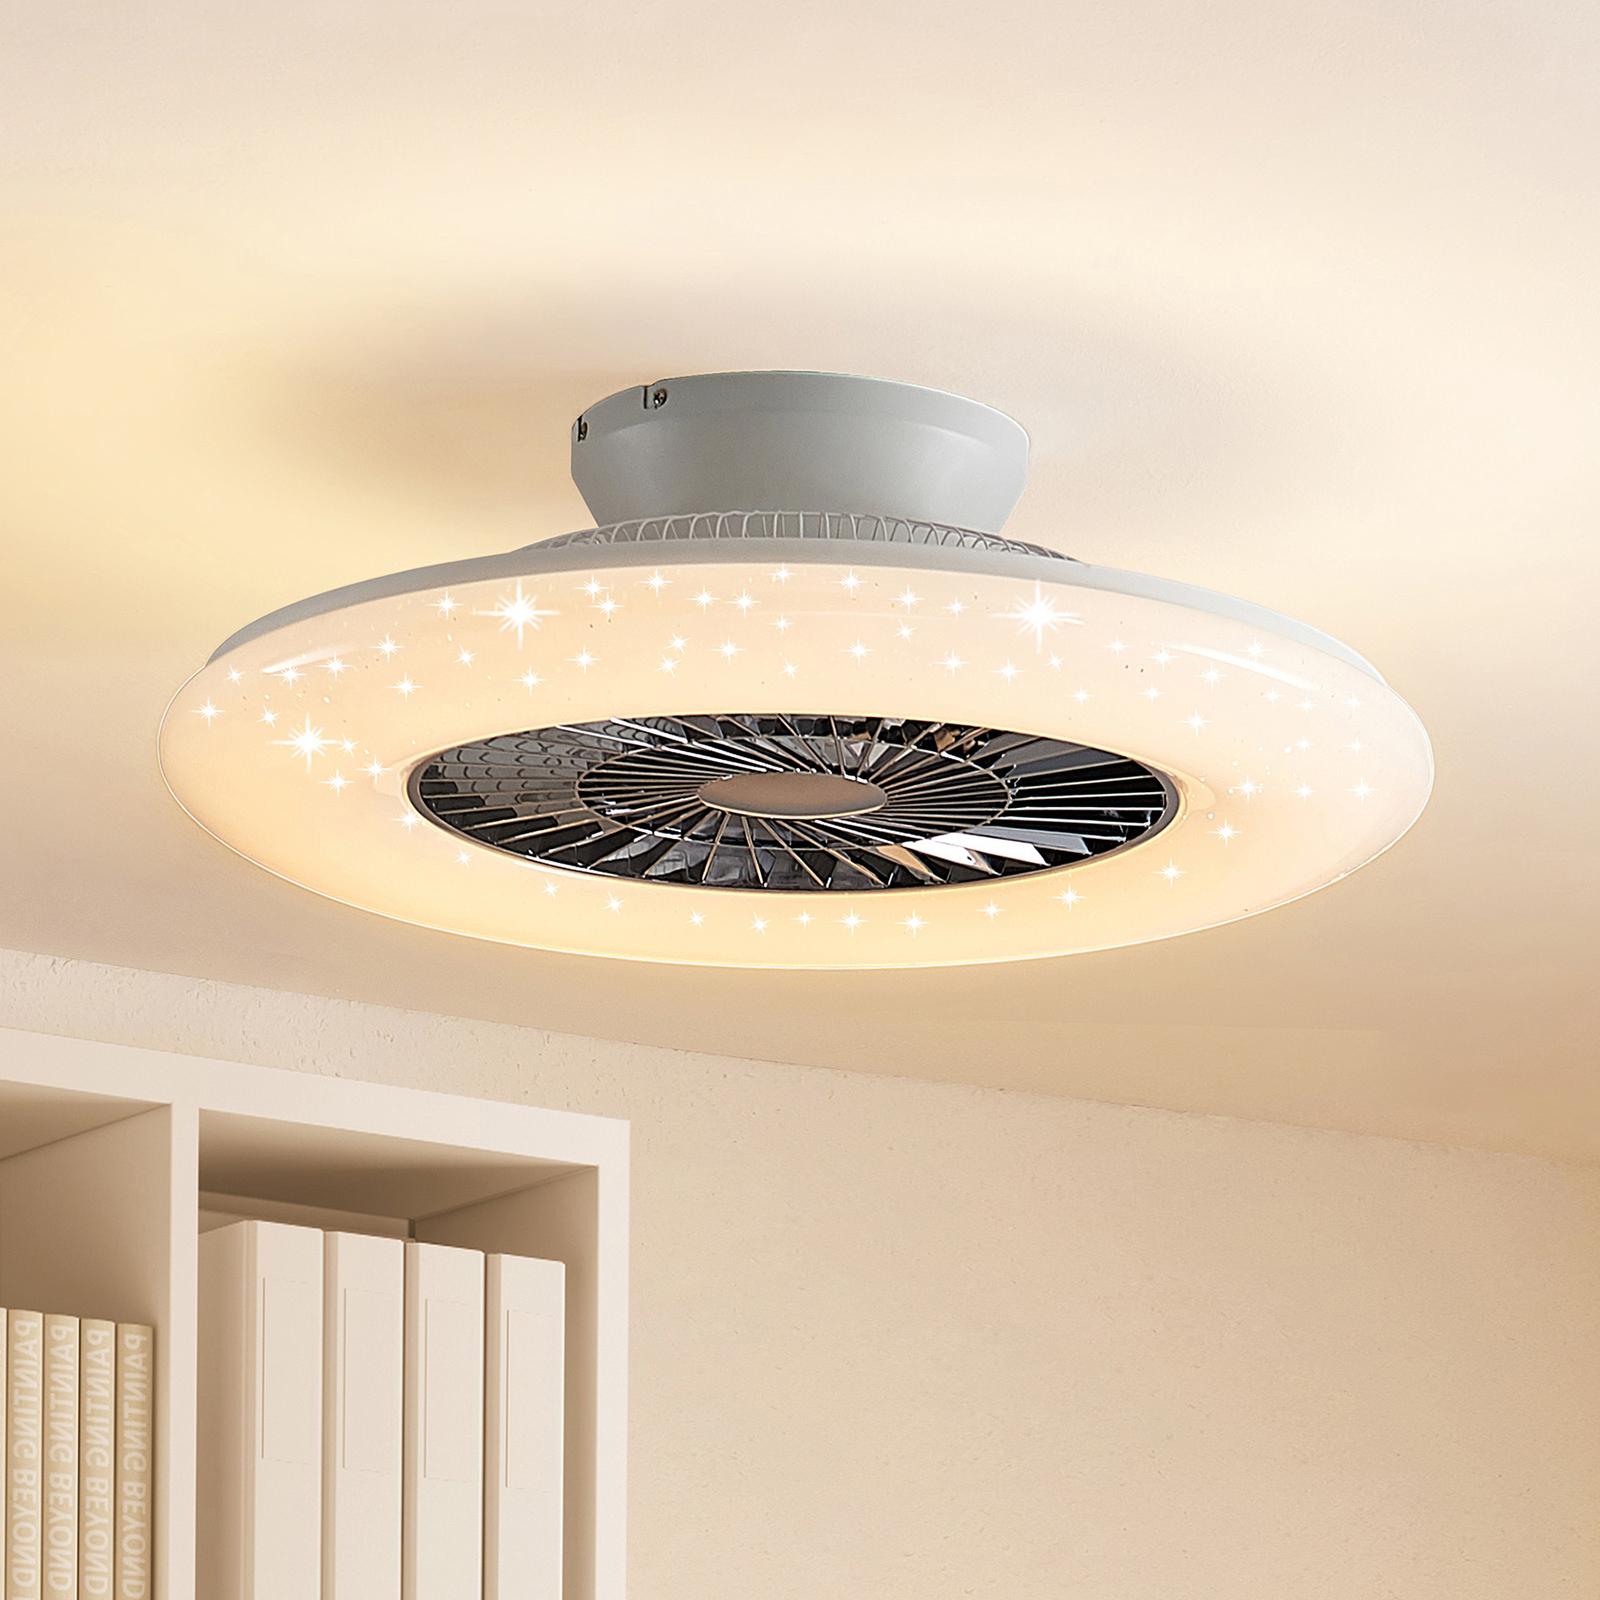 Starluna Madino LED-loftventilator med belysning